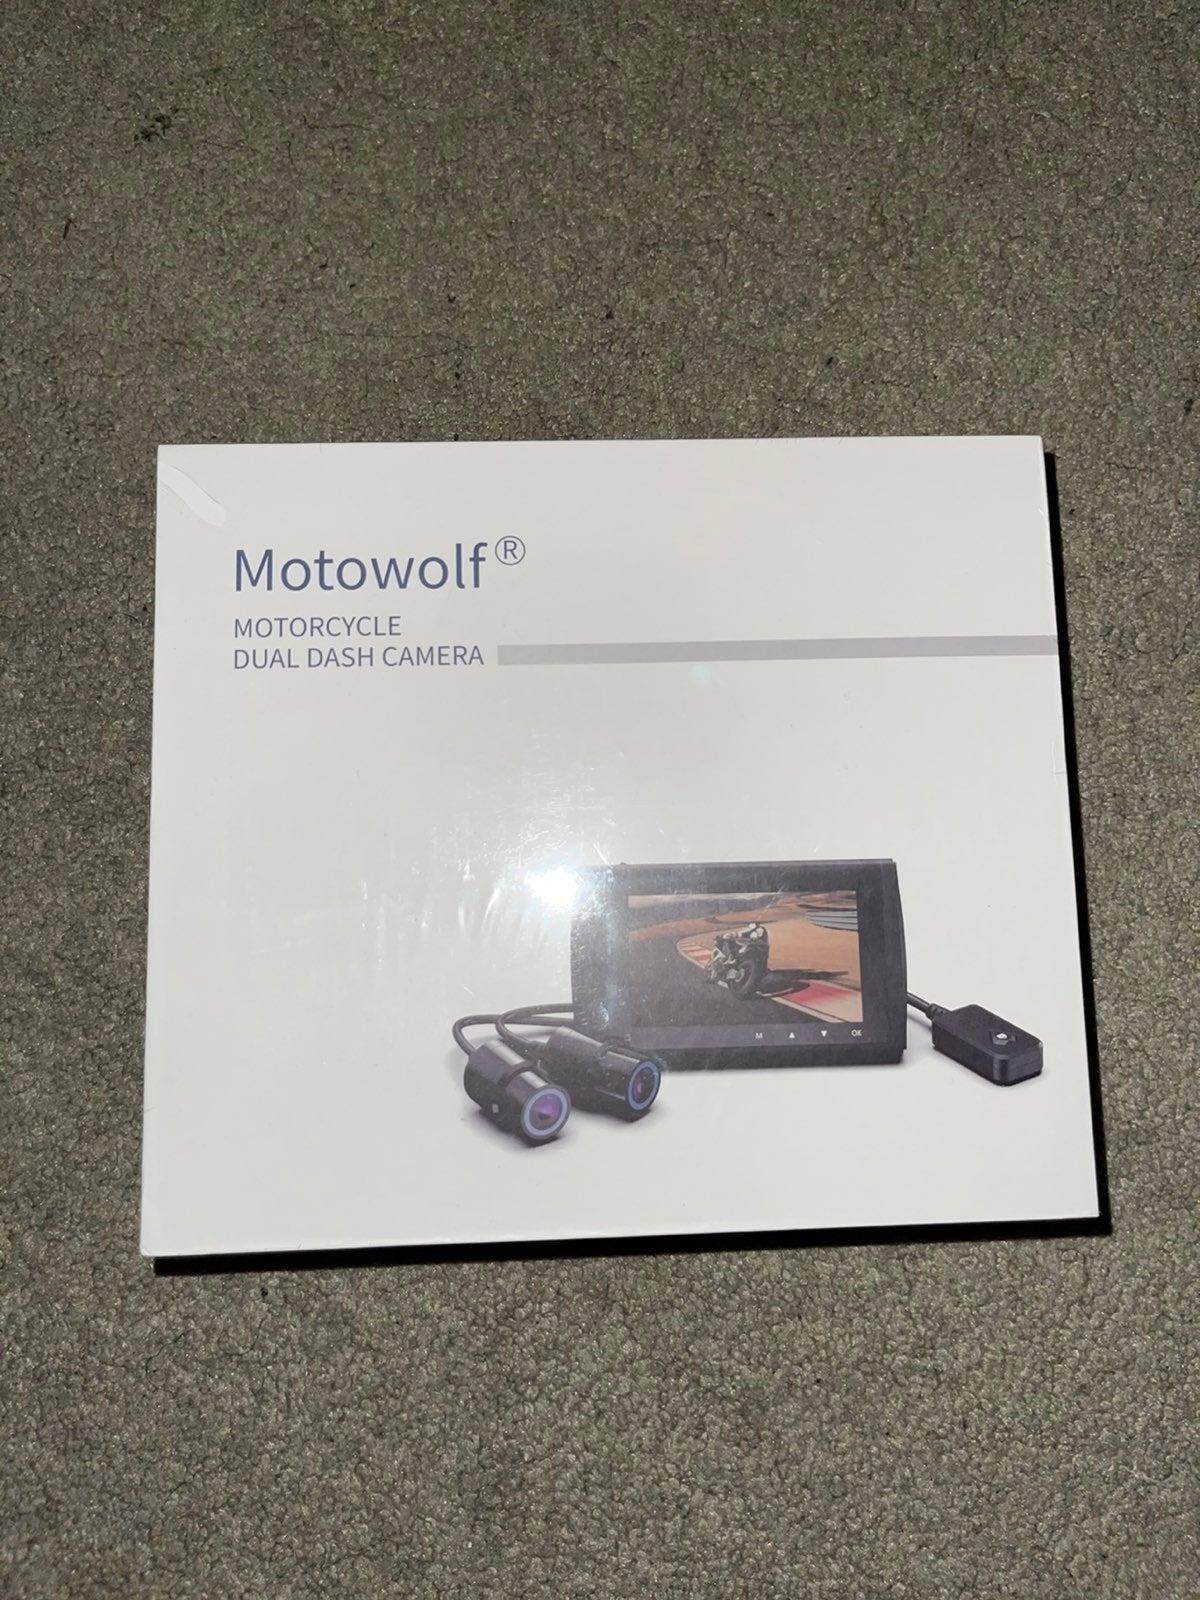 Motowolf M6 Motorcycle Dash Camera Dual